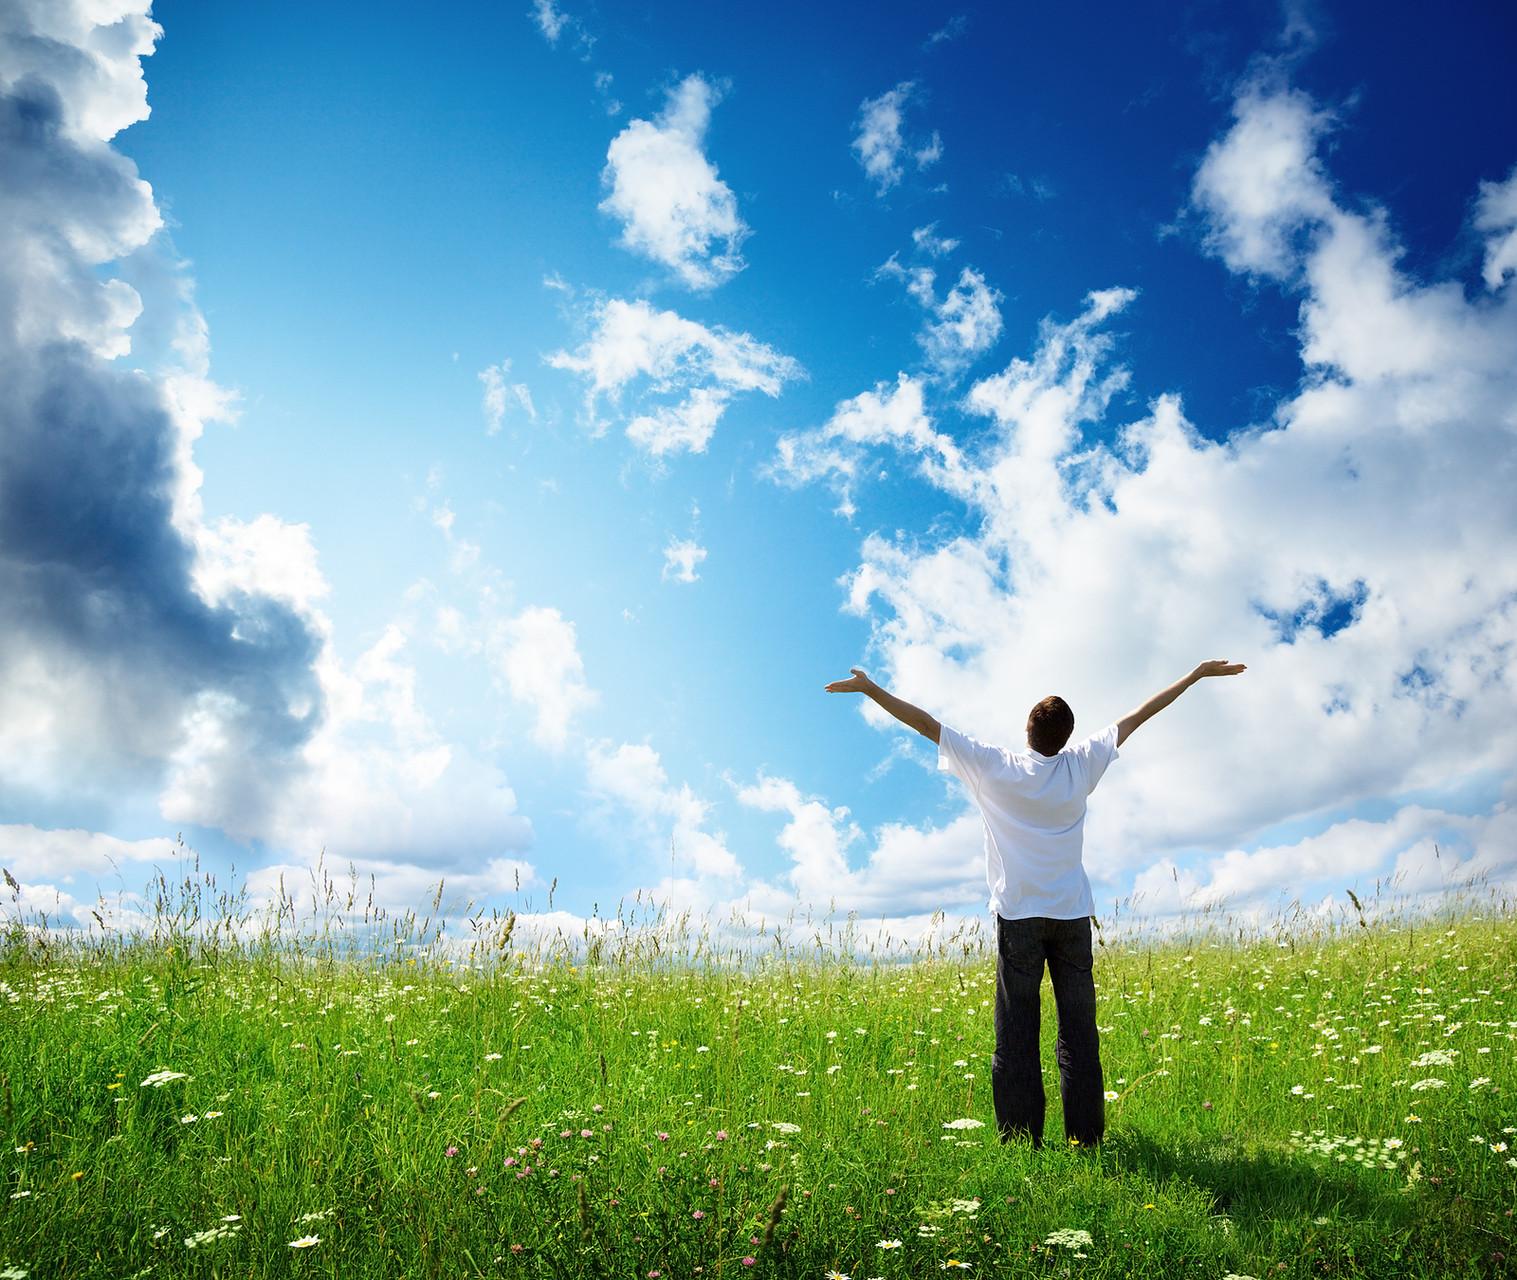 Relaxation, Bien être, Équilibre émotionnel et corporel